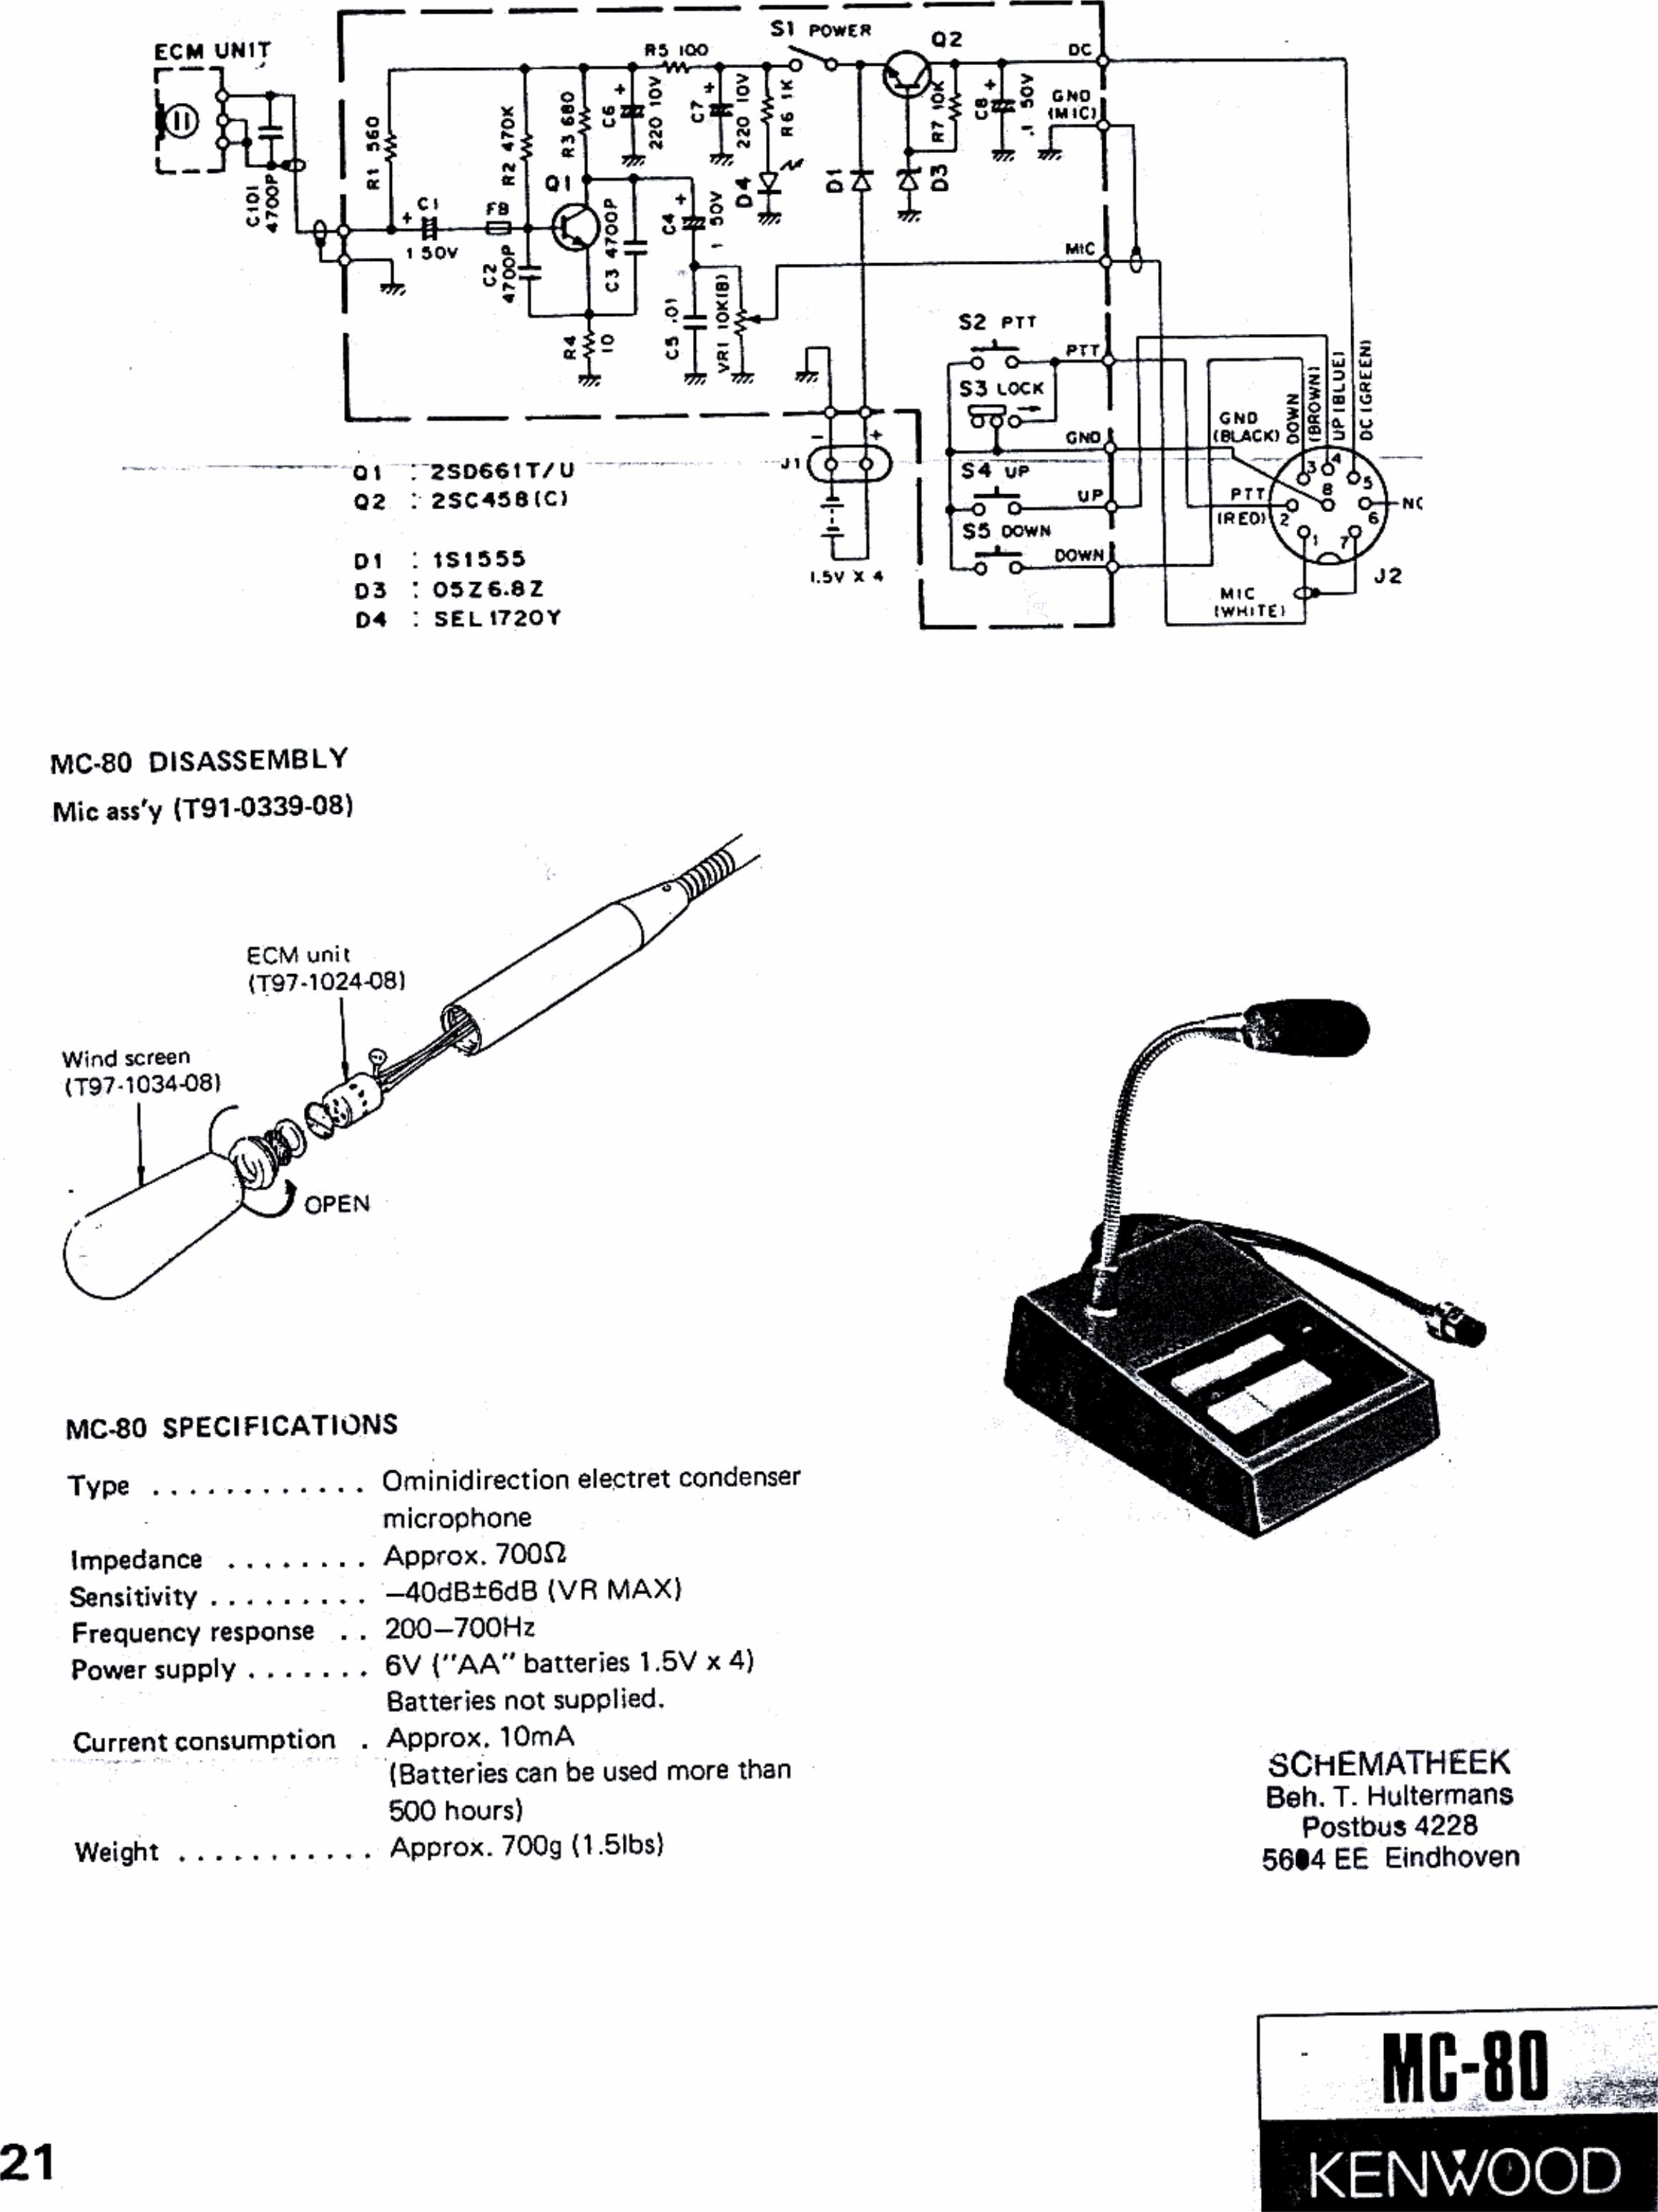 KENWOOD MC 80 Schematic+Specs Schematic Specs